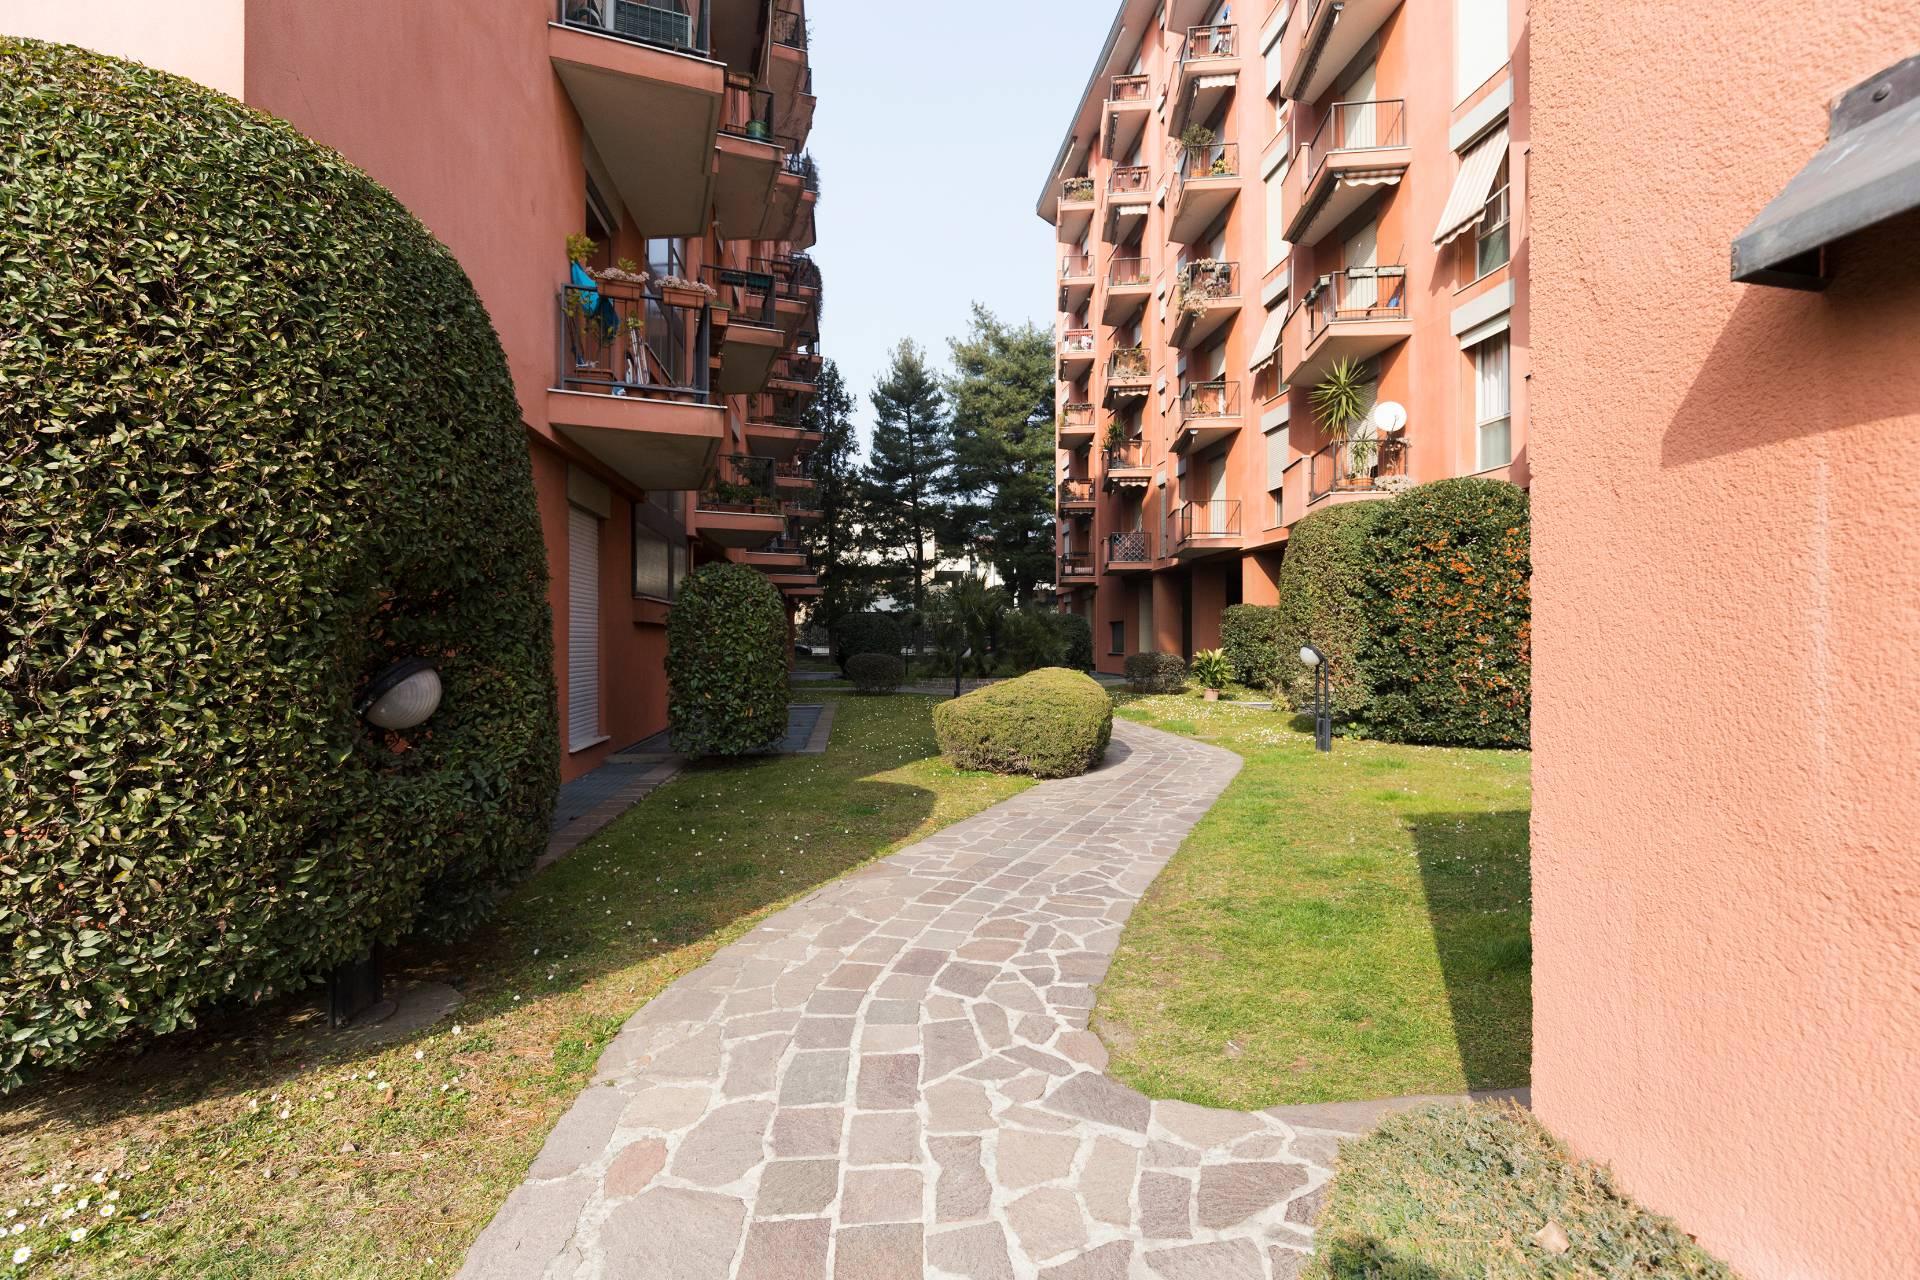 Appartamento in Vendita a Monza:  5 locali, 210 mq  - Foto 1